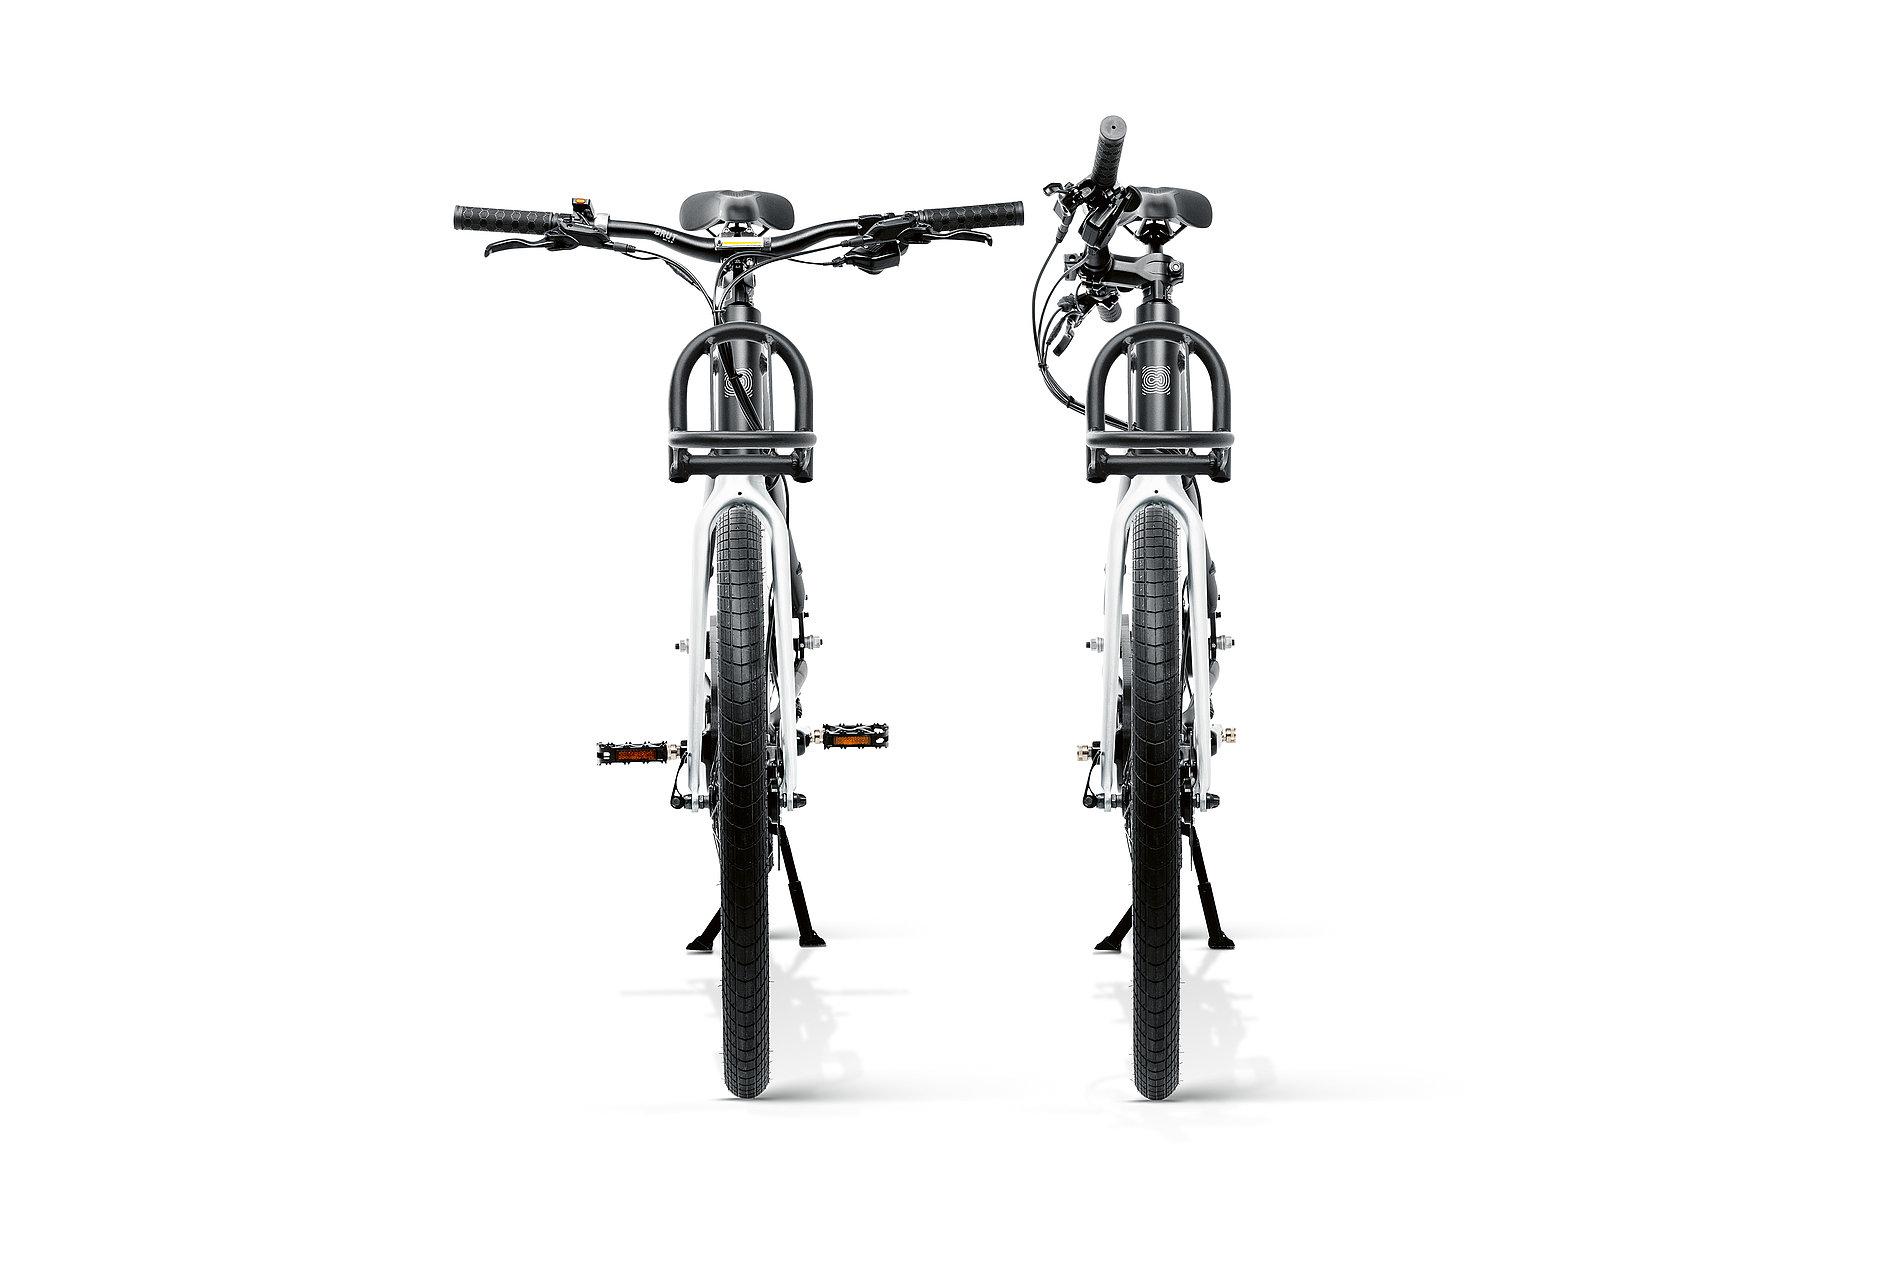 Ahooga Modular Bike | Red Dot Design Award